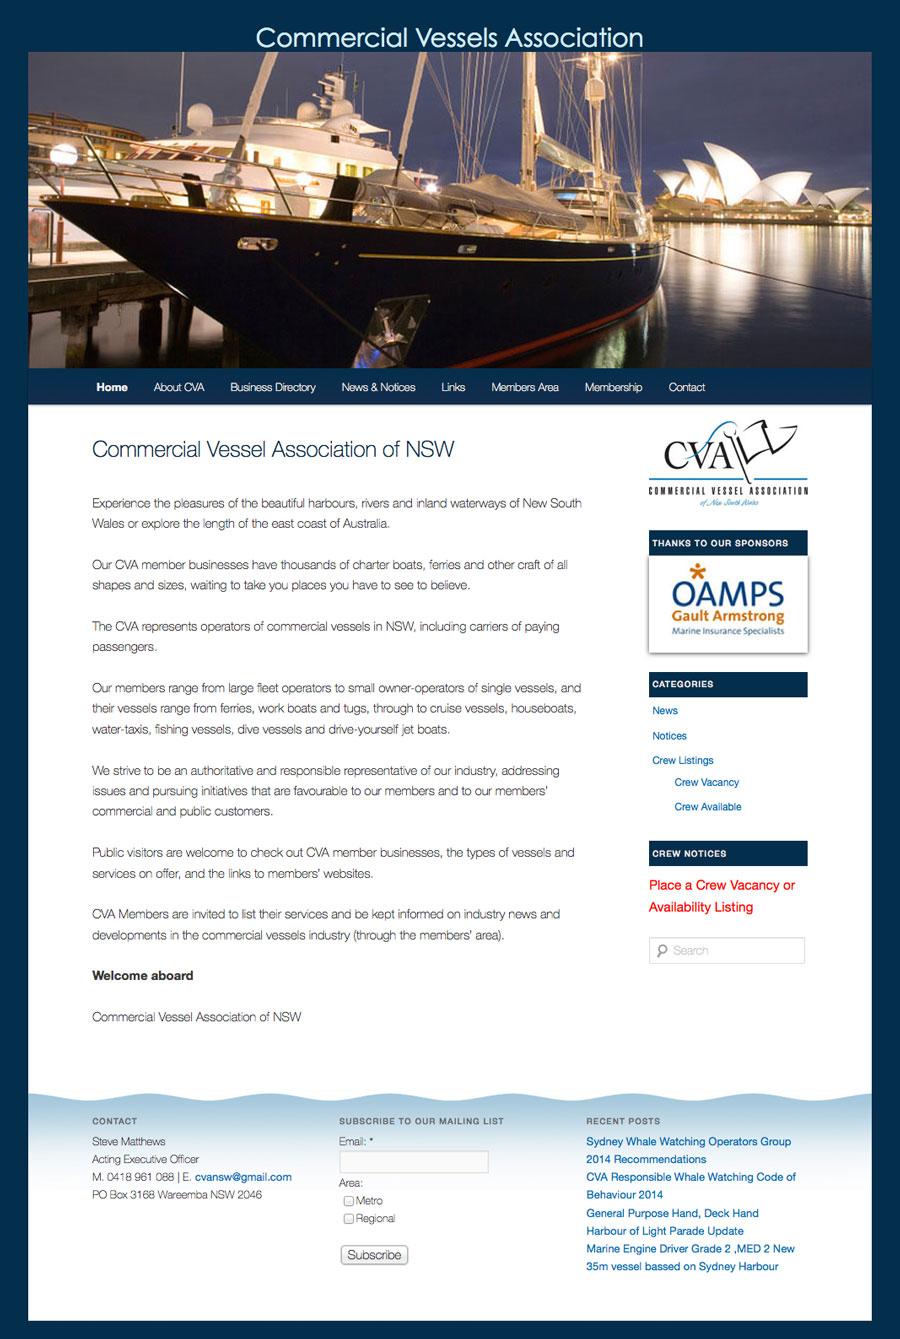 CVANSW website